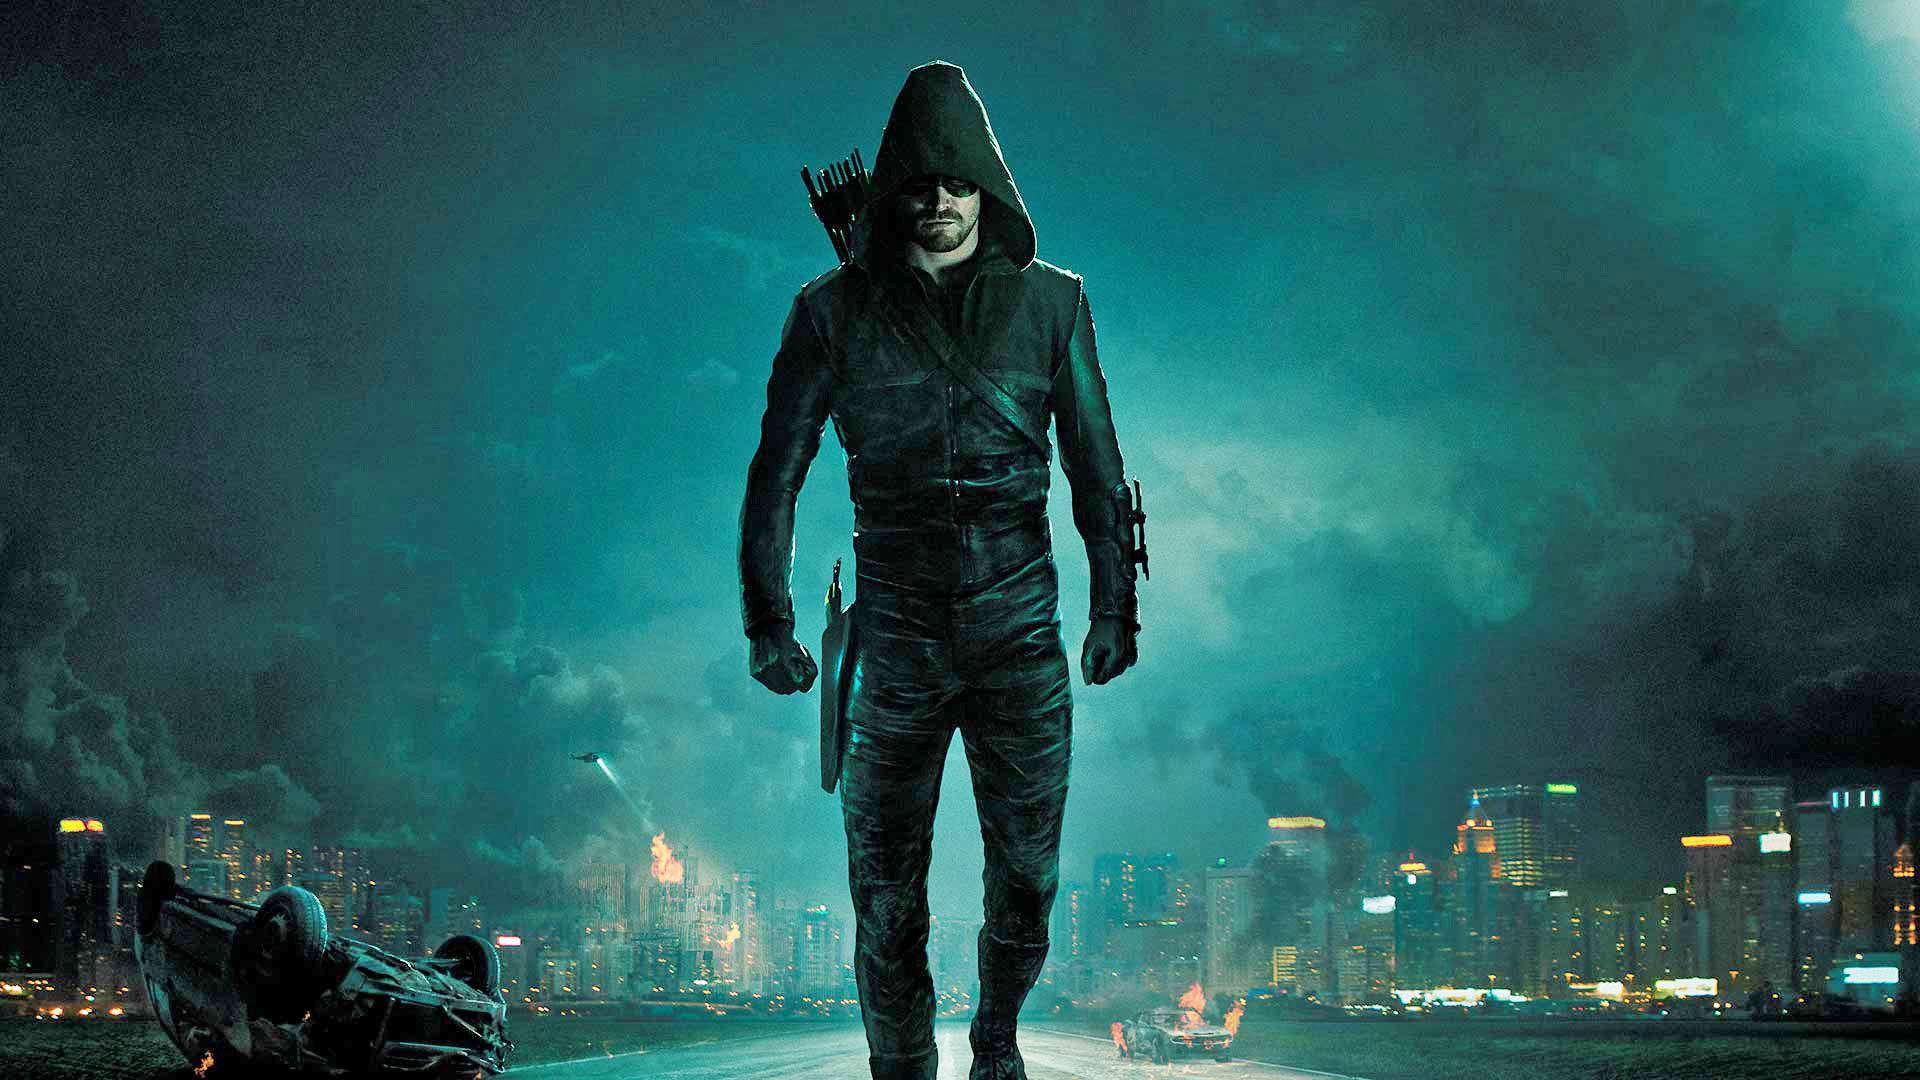 Arrow, Green Arrow, CW, TV Series, DC Comics